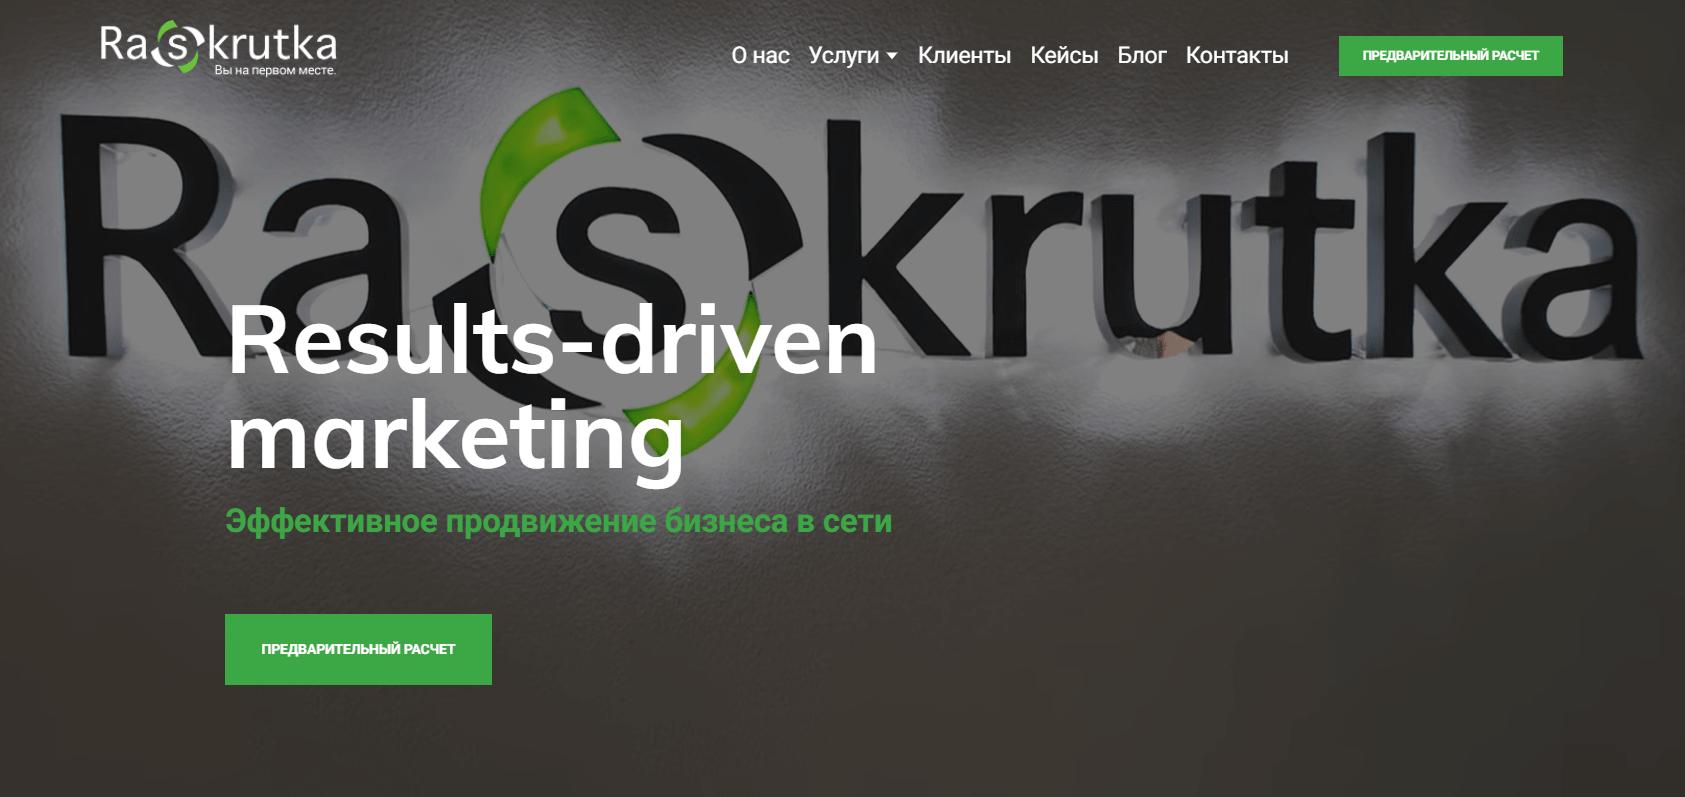 Raskrutka - обзор компании, услуги, отзывы, клиенты | Google SEO, Фото № 1 - google-seo.pro